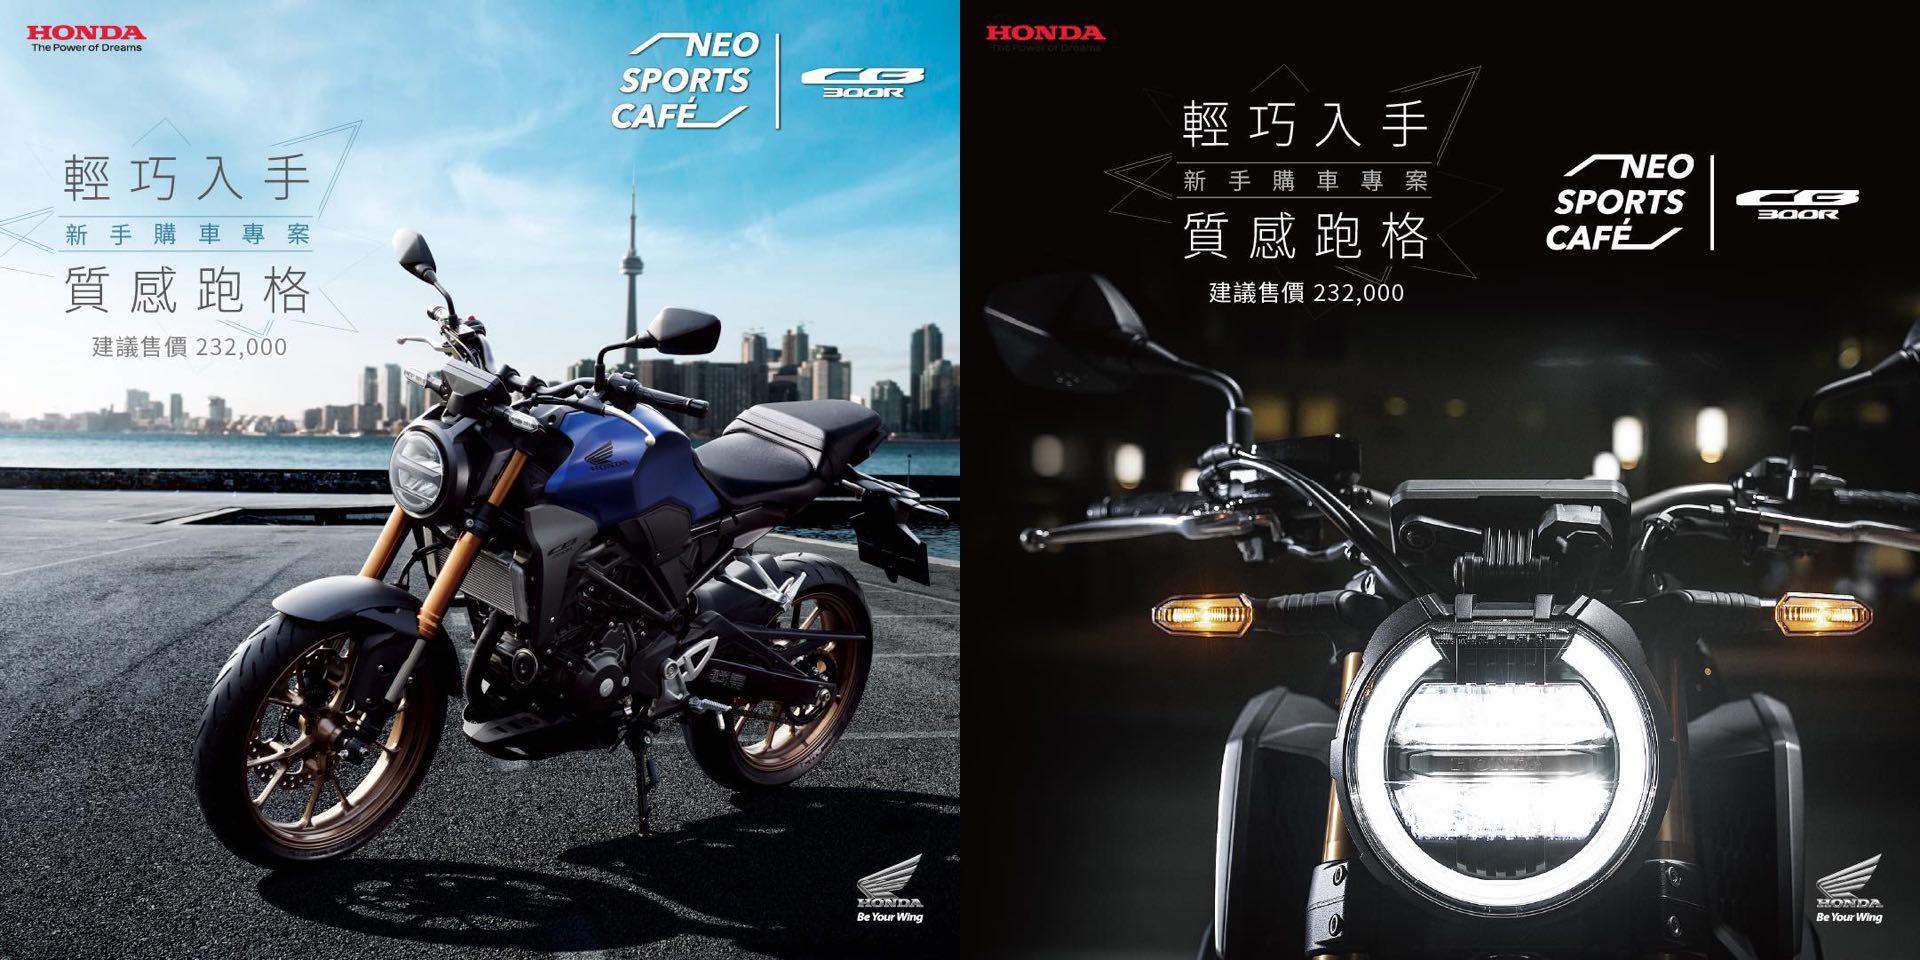 官方新聞稿。輕巧入手,質感跑格。Honda Taiwan 2020 CB300R新手購車專案!